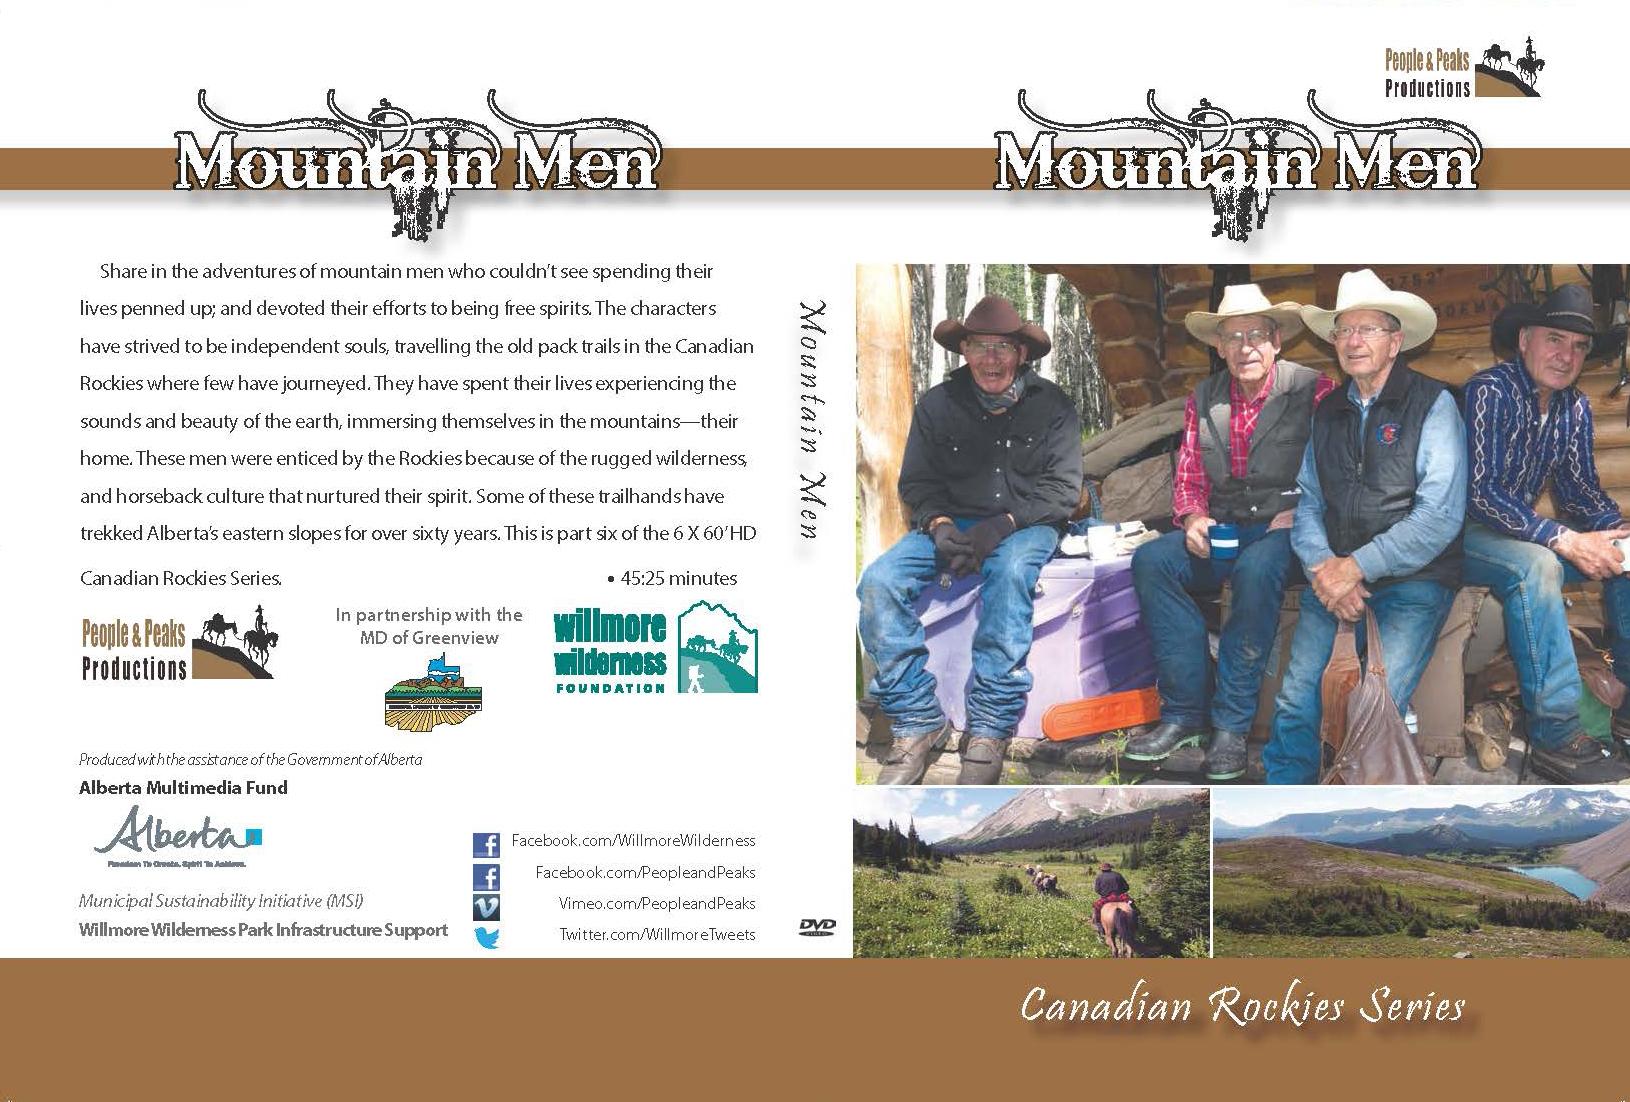 Mountain Men DVD Case Coverr